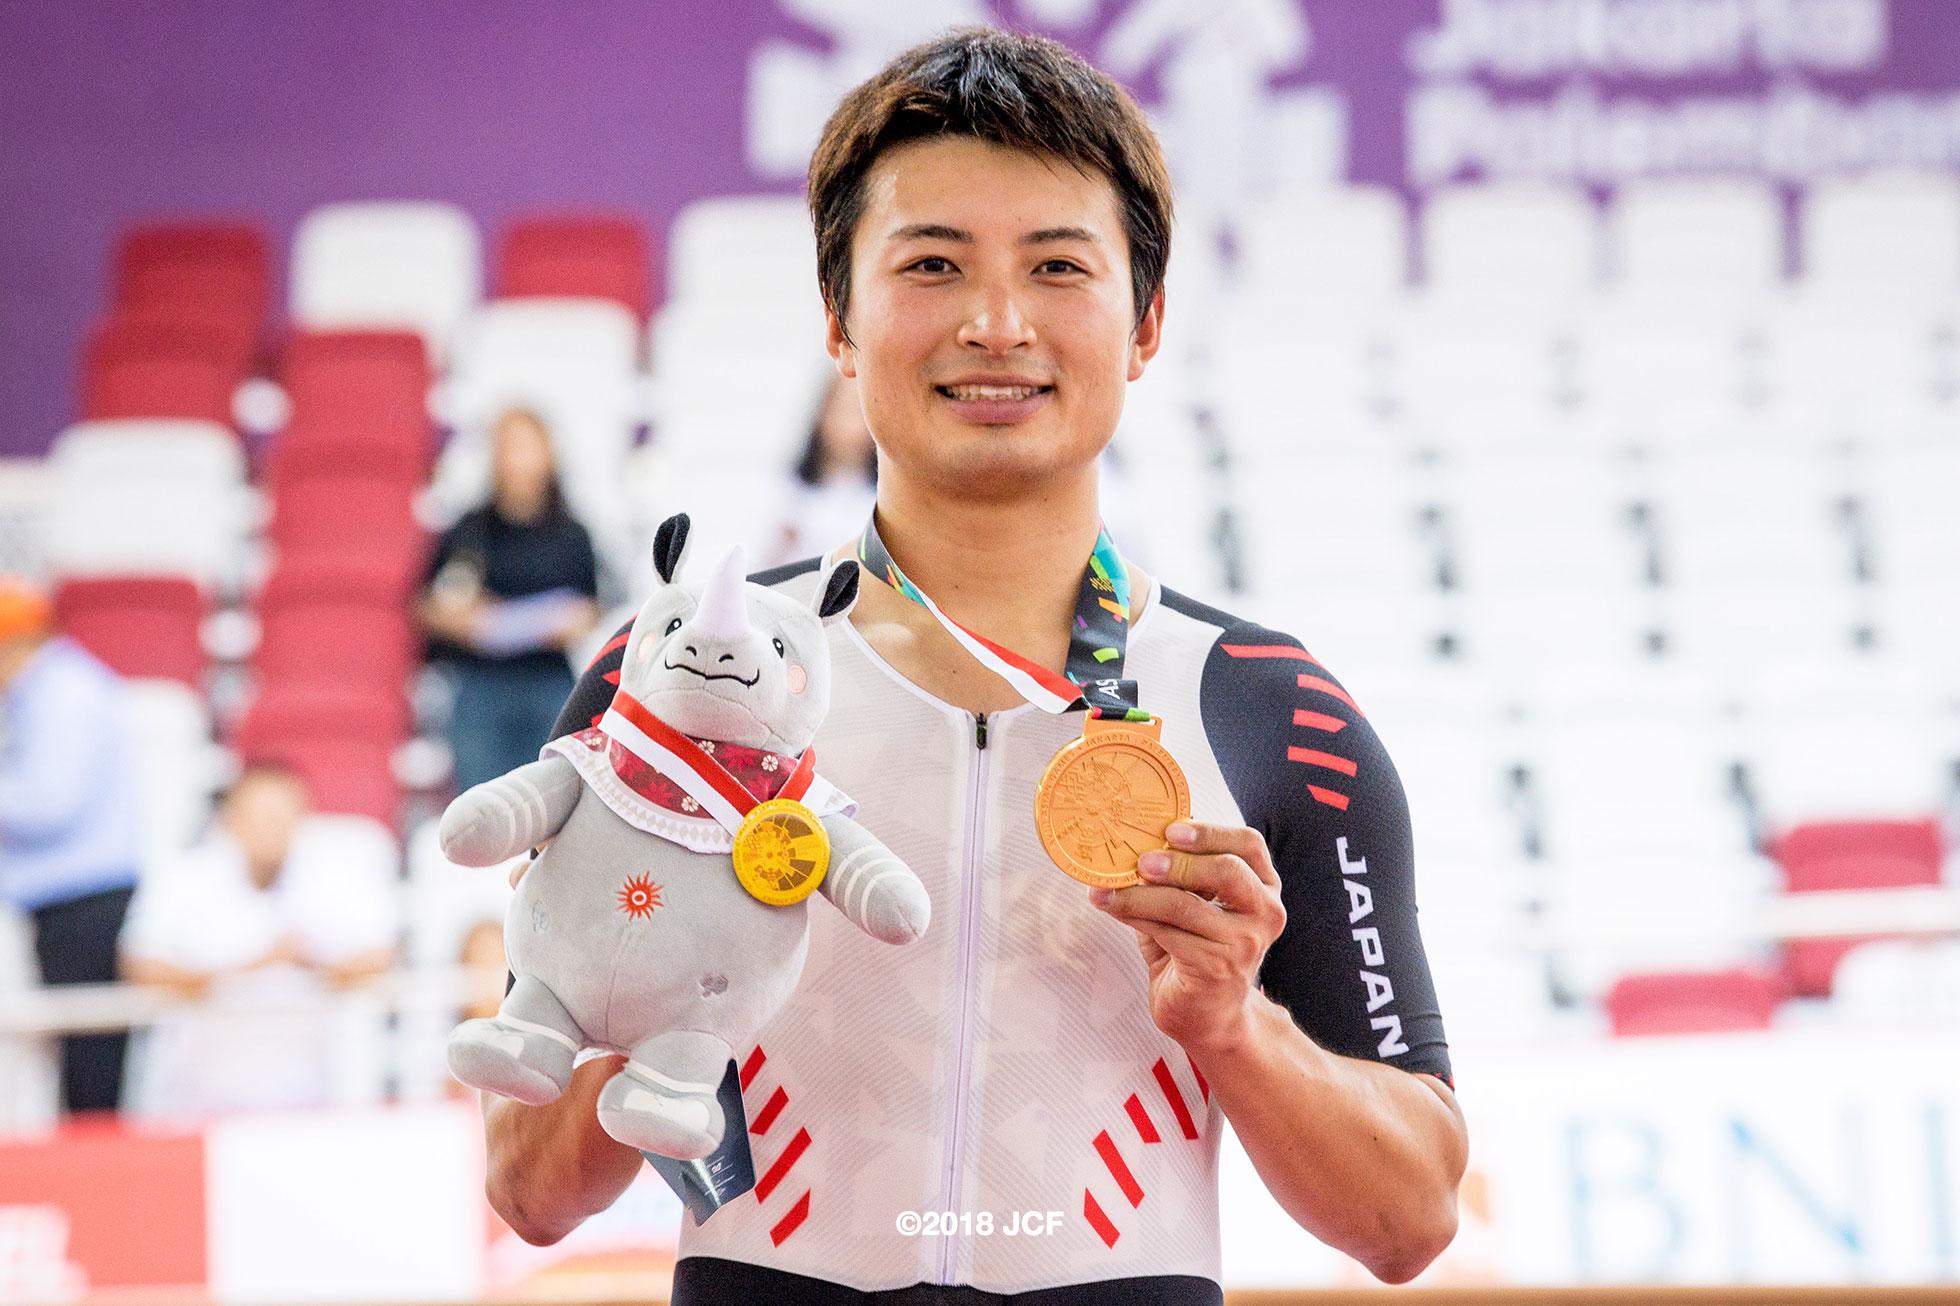 2018アジア大会男子オムニアム橋本英也